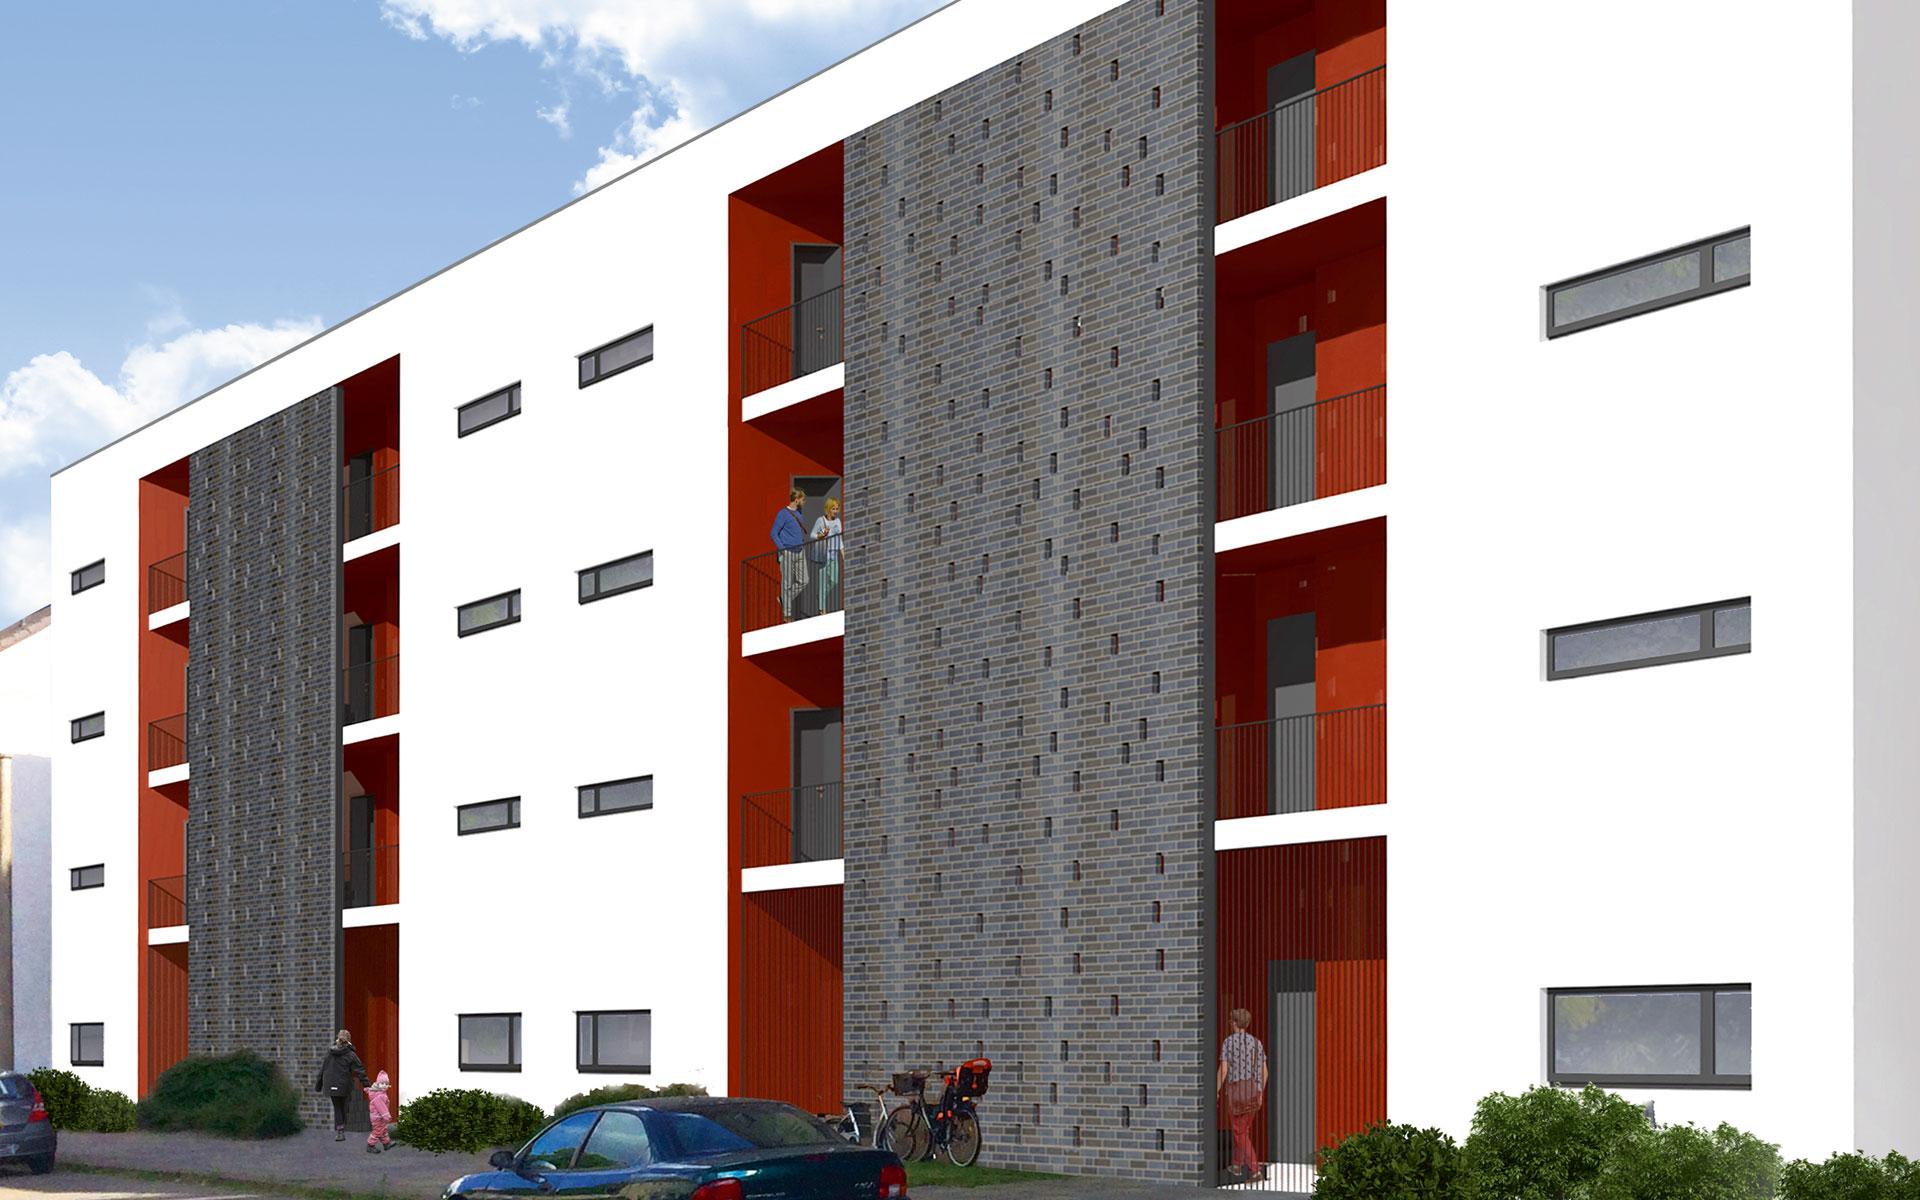 Neubau Forststraße 12 Schöne Wohnungen In Rathenow